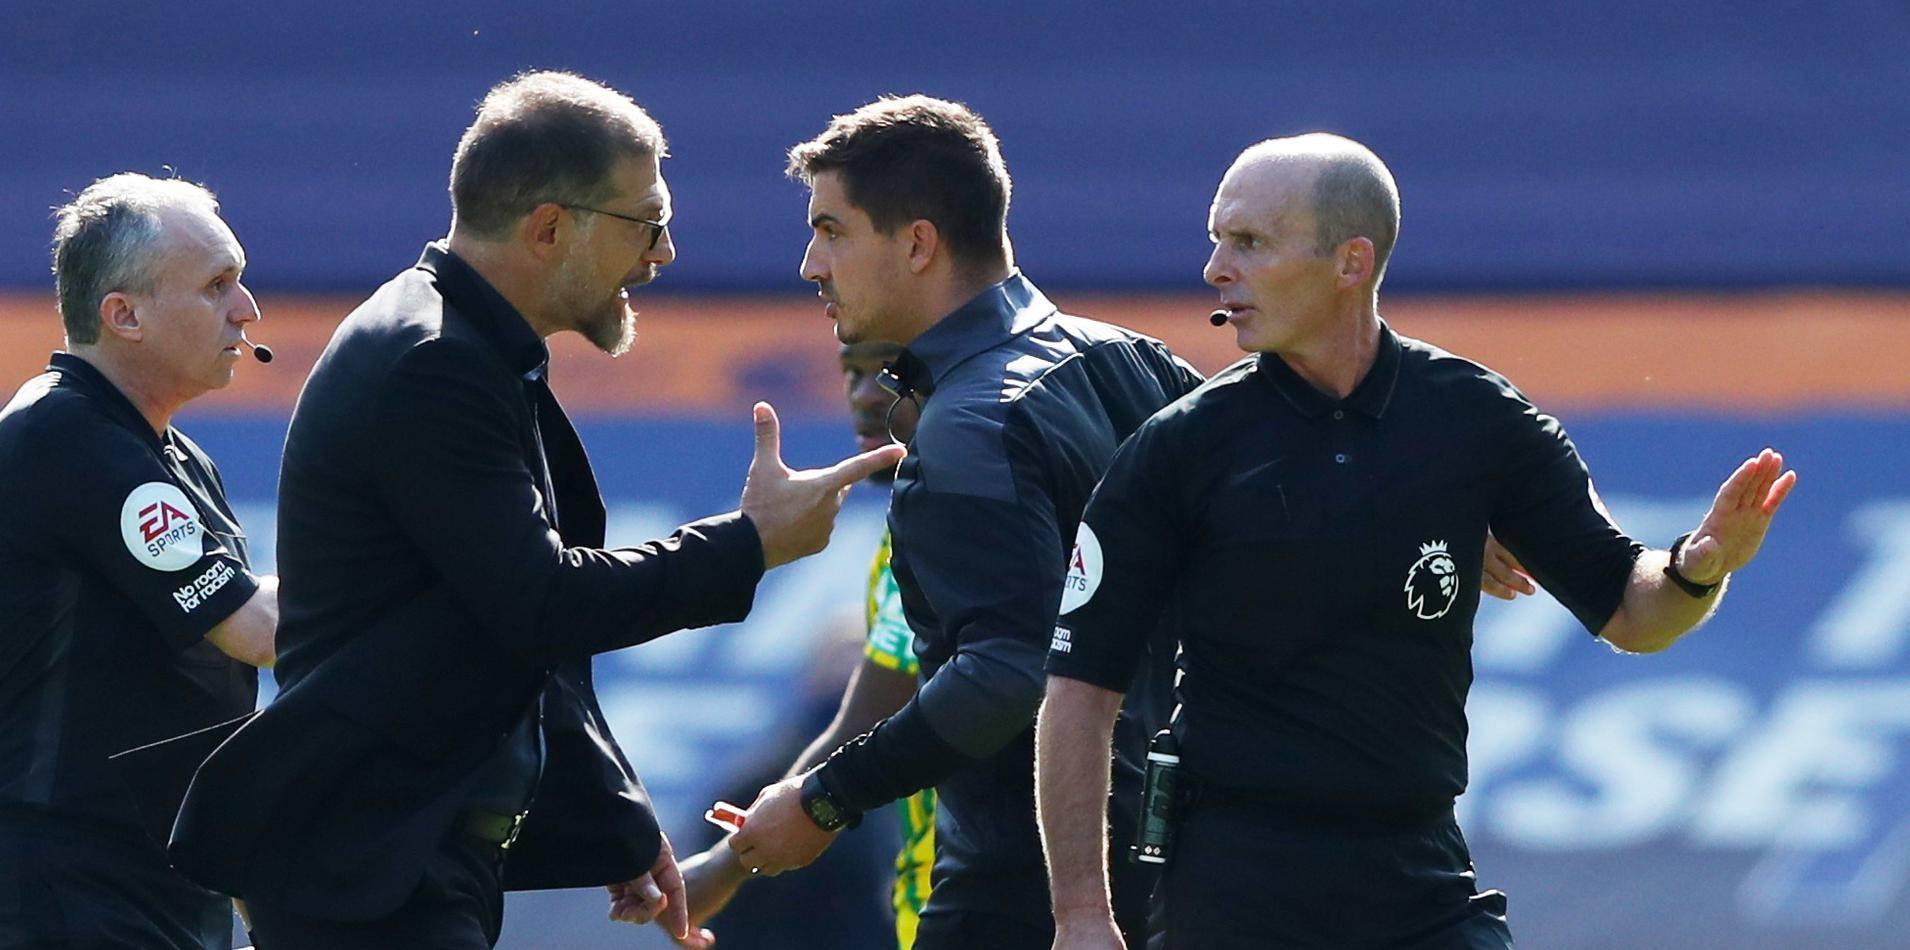 Premier League - Everton v West Bromwich Albion